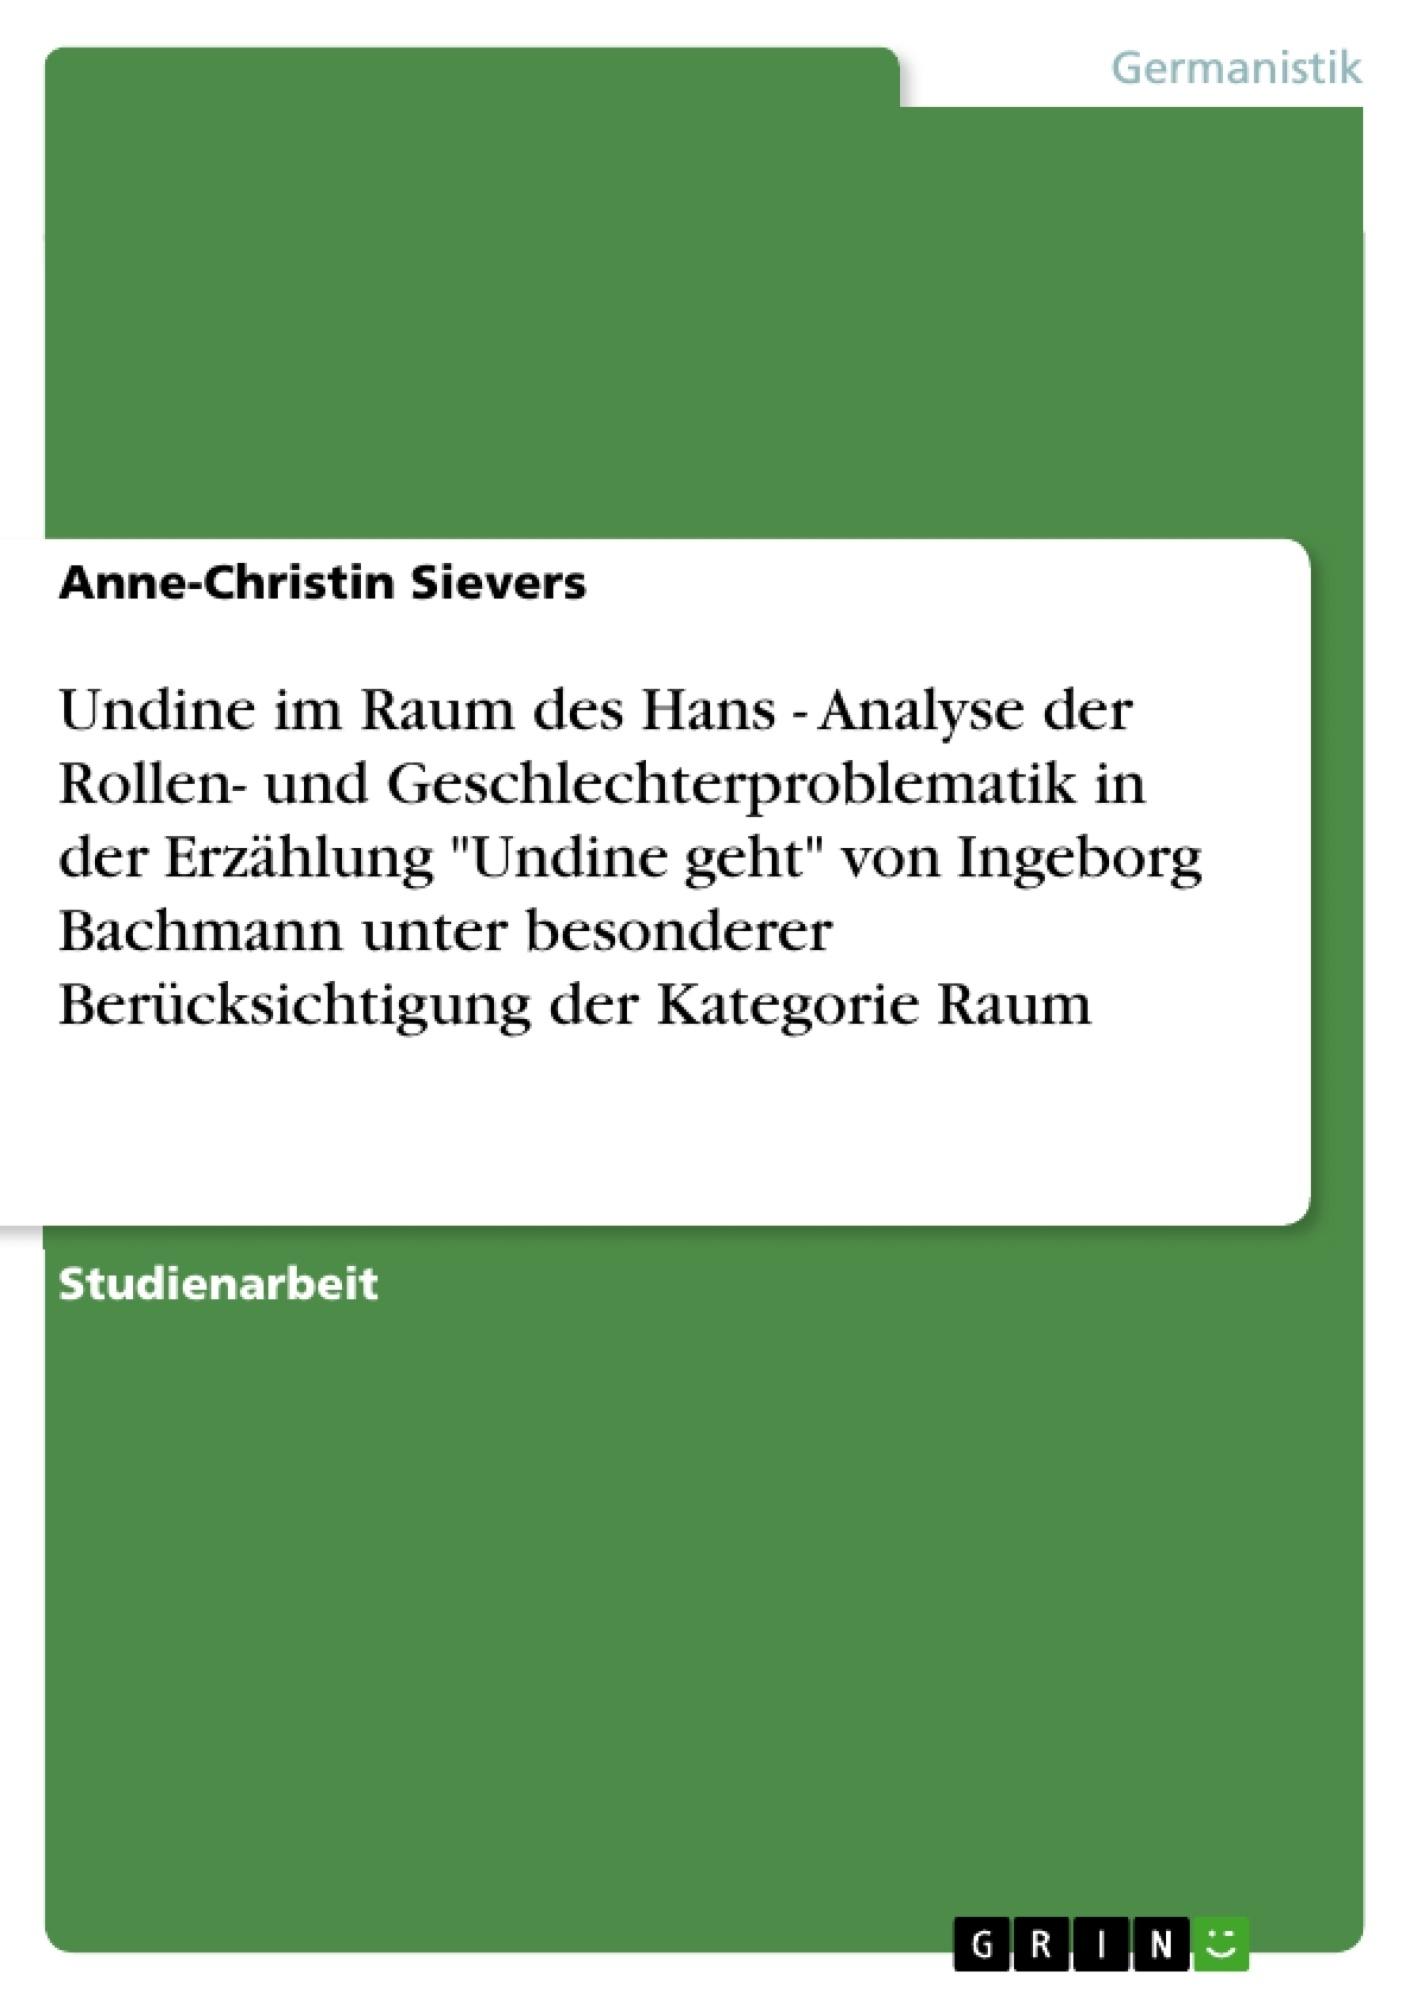 """Titel: Undine im Raum des Hans - Analyse der Rollen- und Geschlechterproblematik in der Erzählung """"Undine geht"""" von Ingeborg Bachmann unter besonderer Berücksichtigung der Kategorie Raum"""